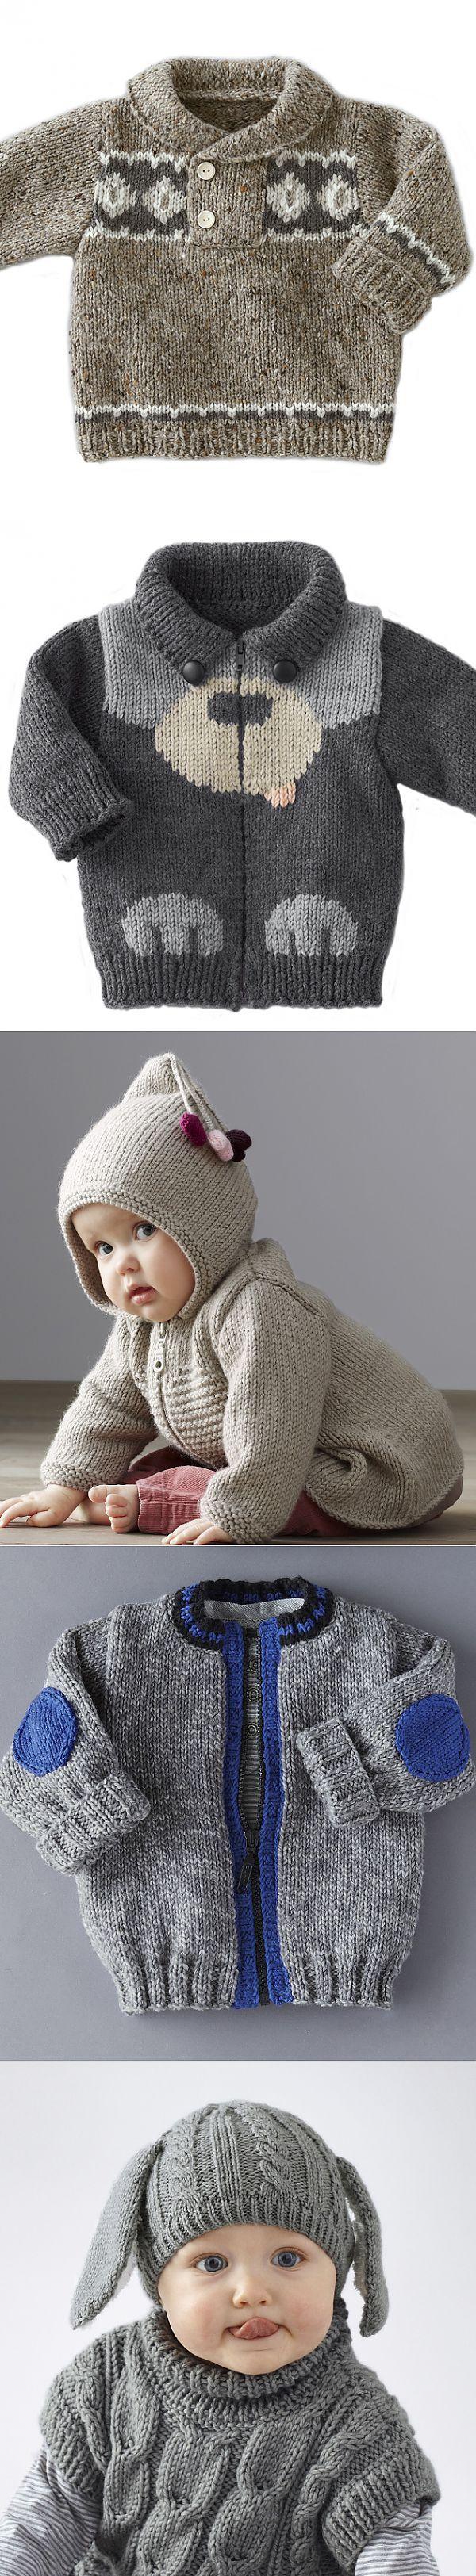 Вязание для малышей, спицы, Phildor. | Деткам | Постила